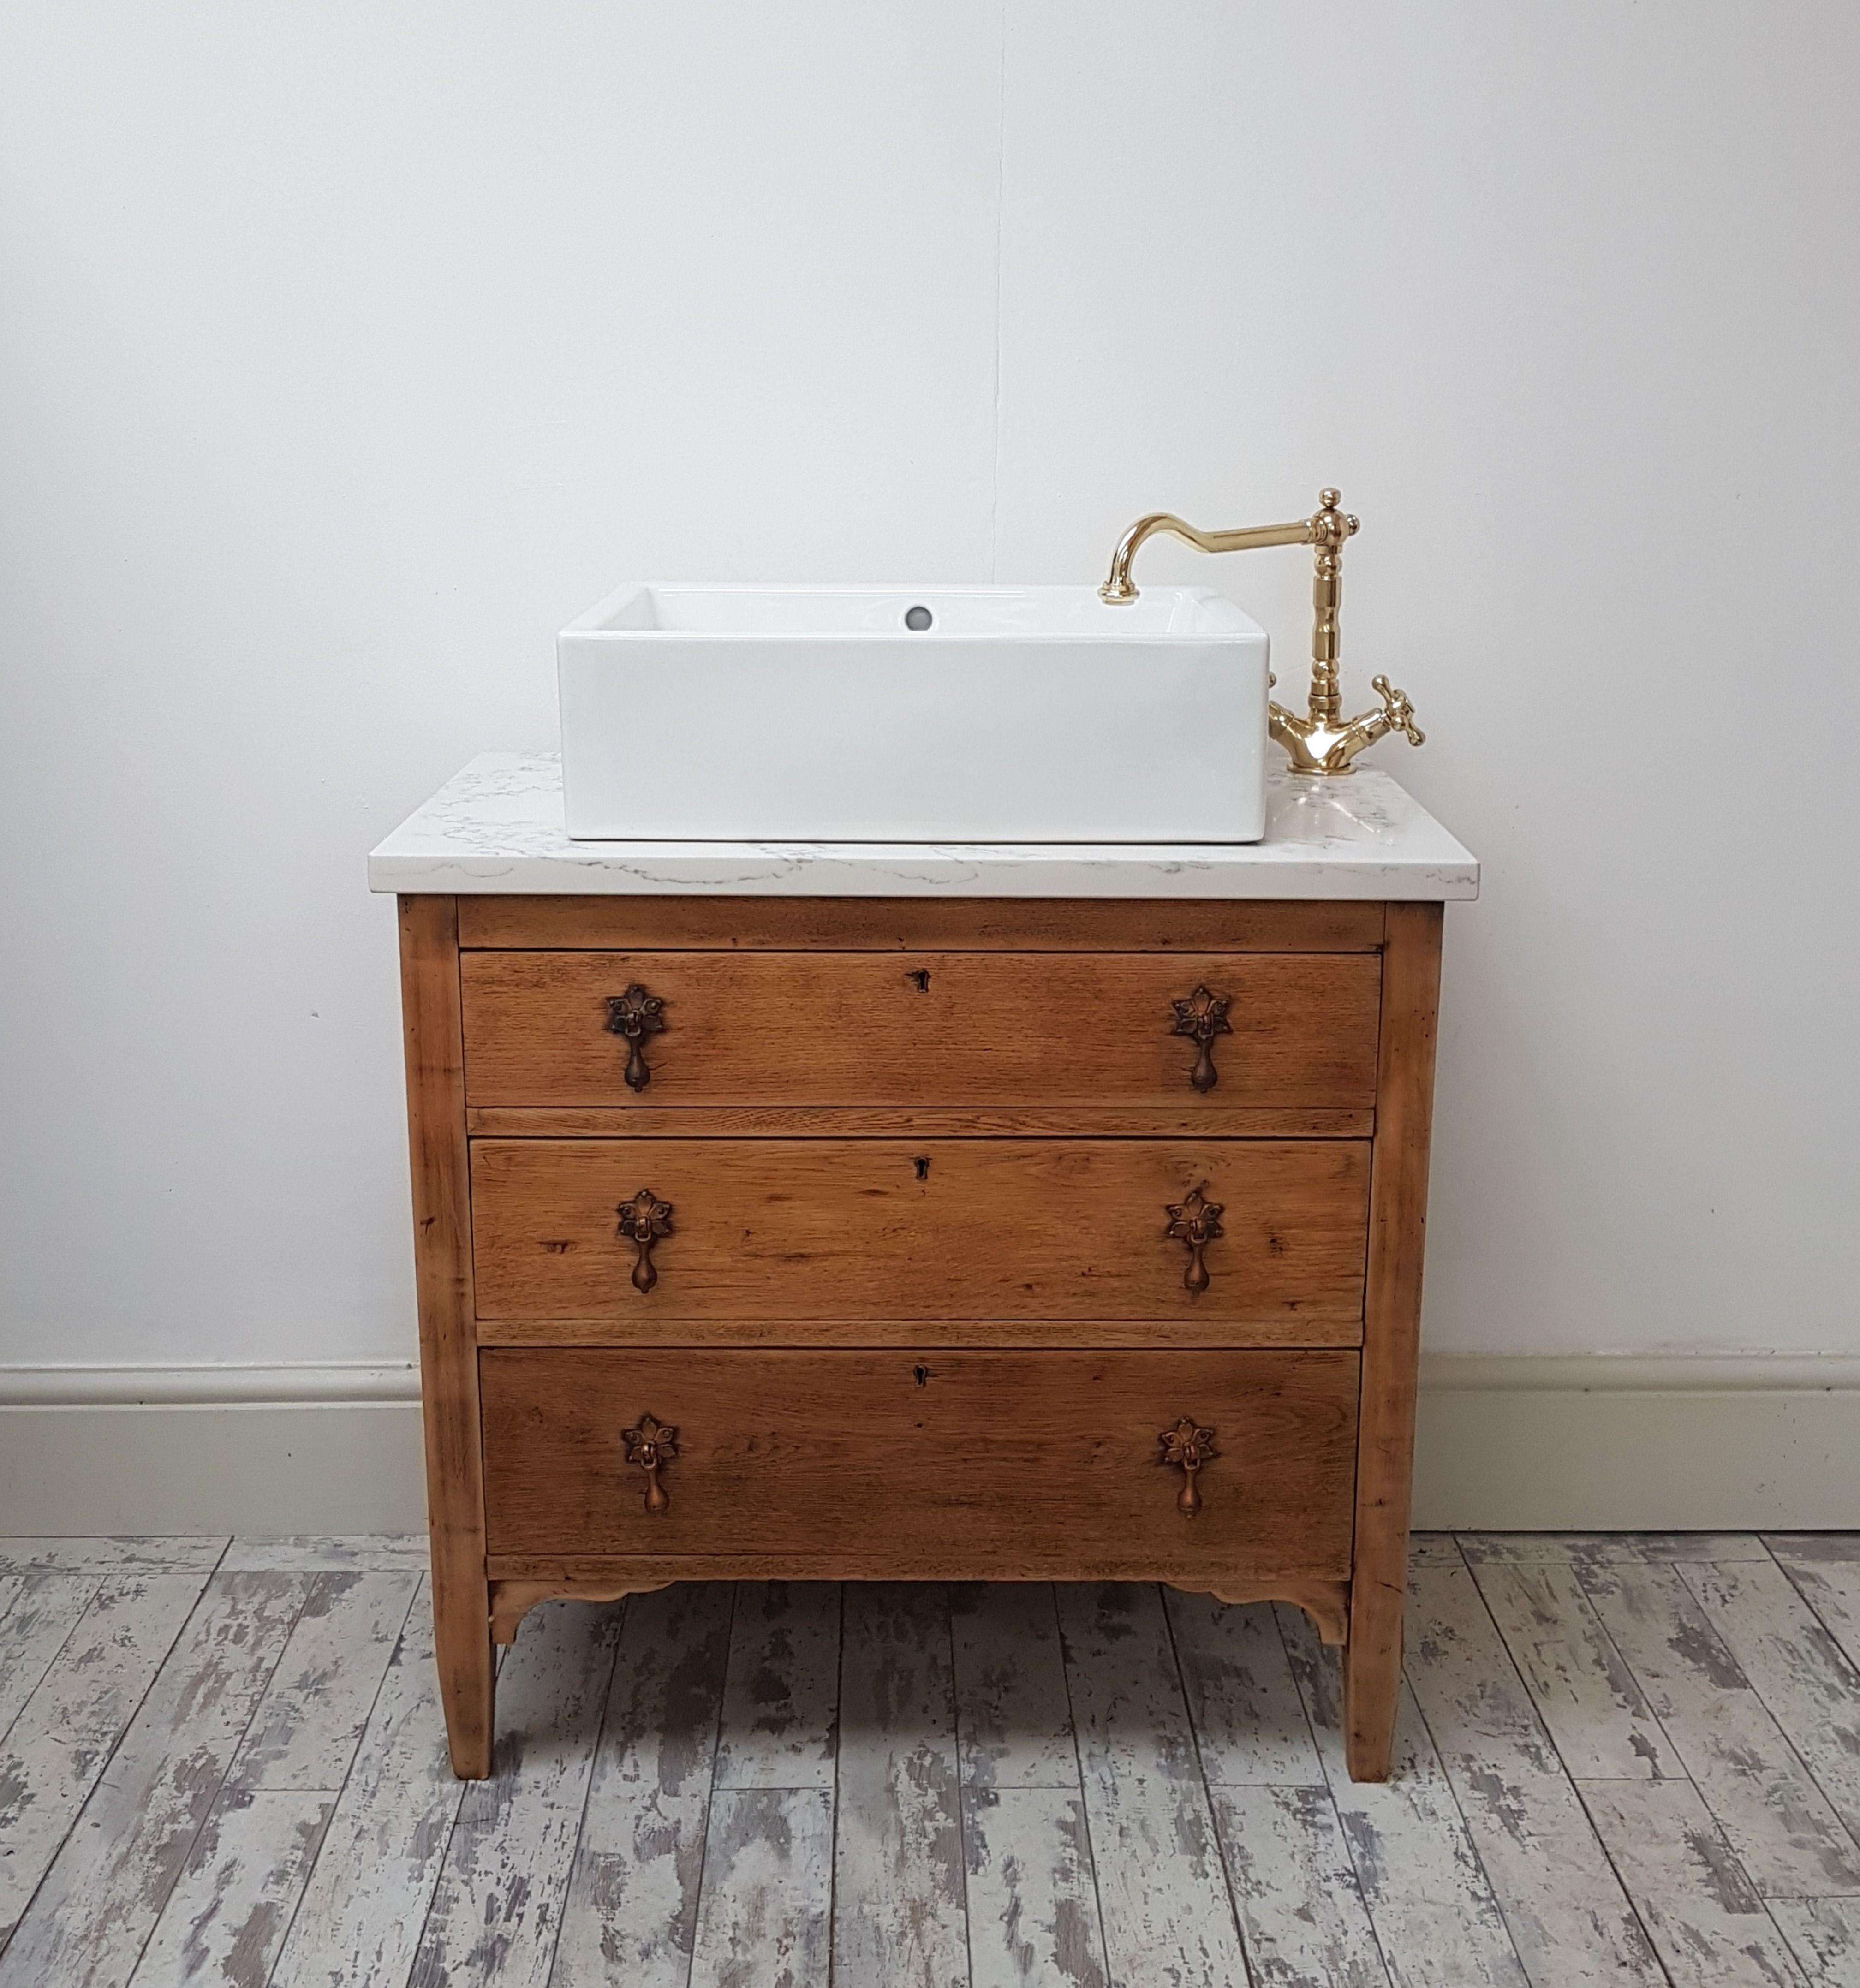 Vintage Vanity Unit Vintage Bathroom Vanities Vintage Bathroom Sinks Sink Vanity Unit